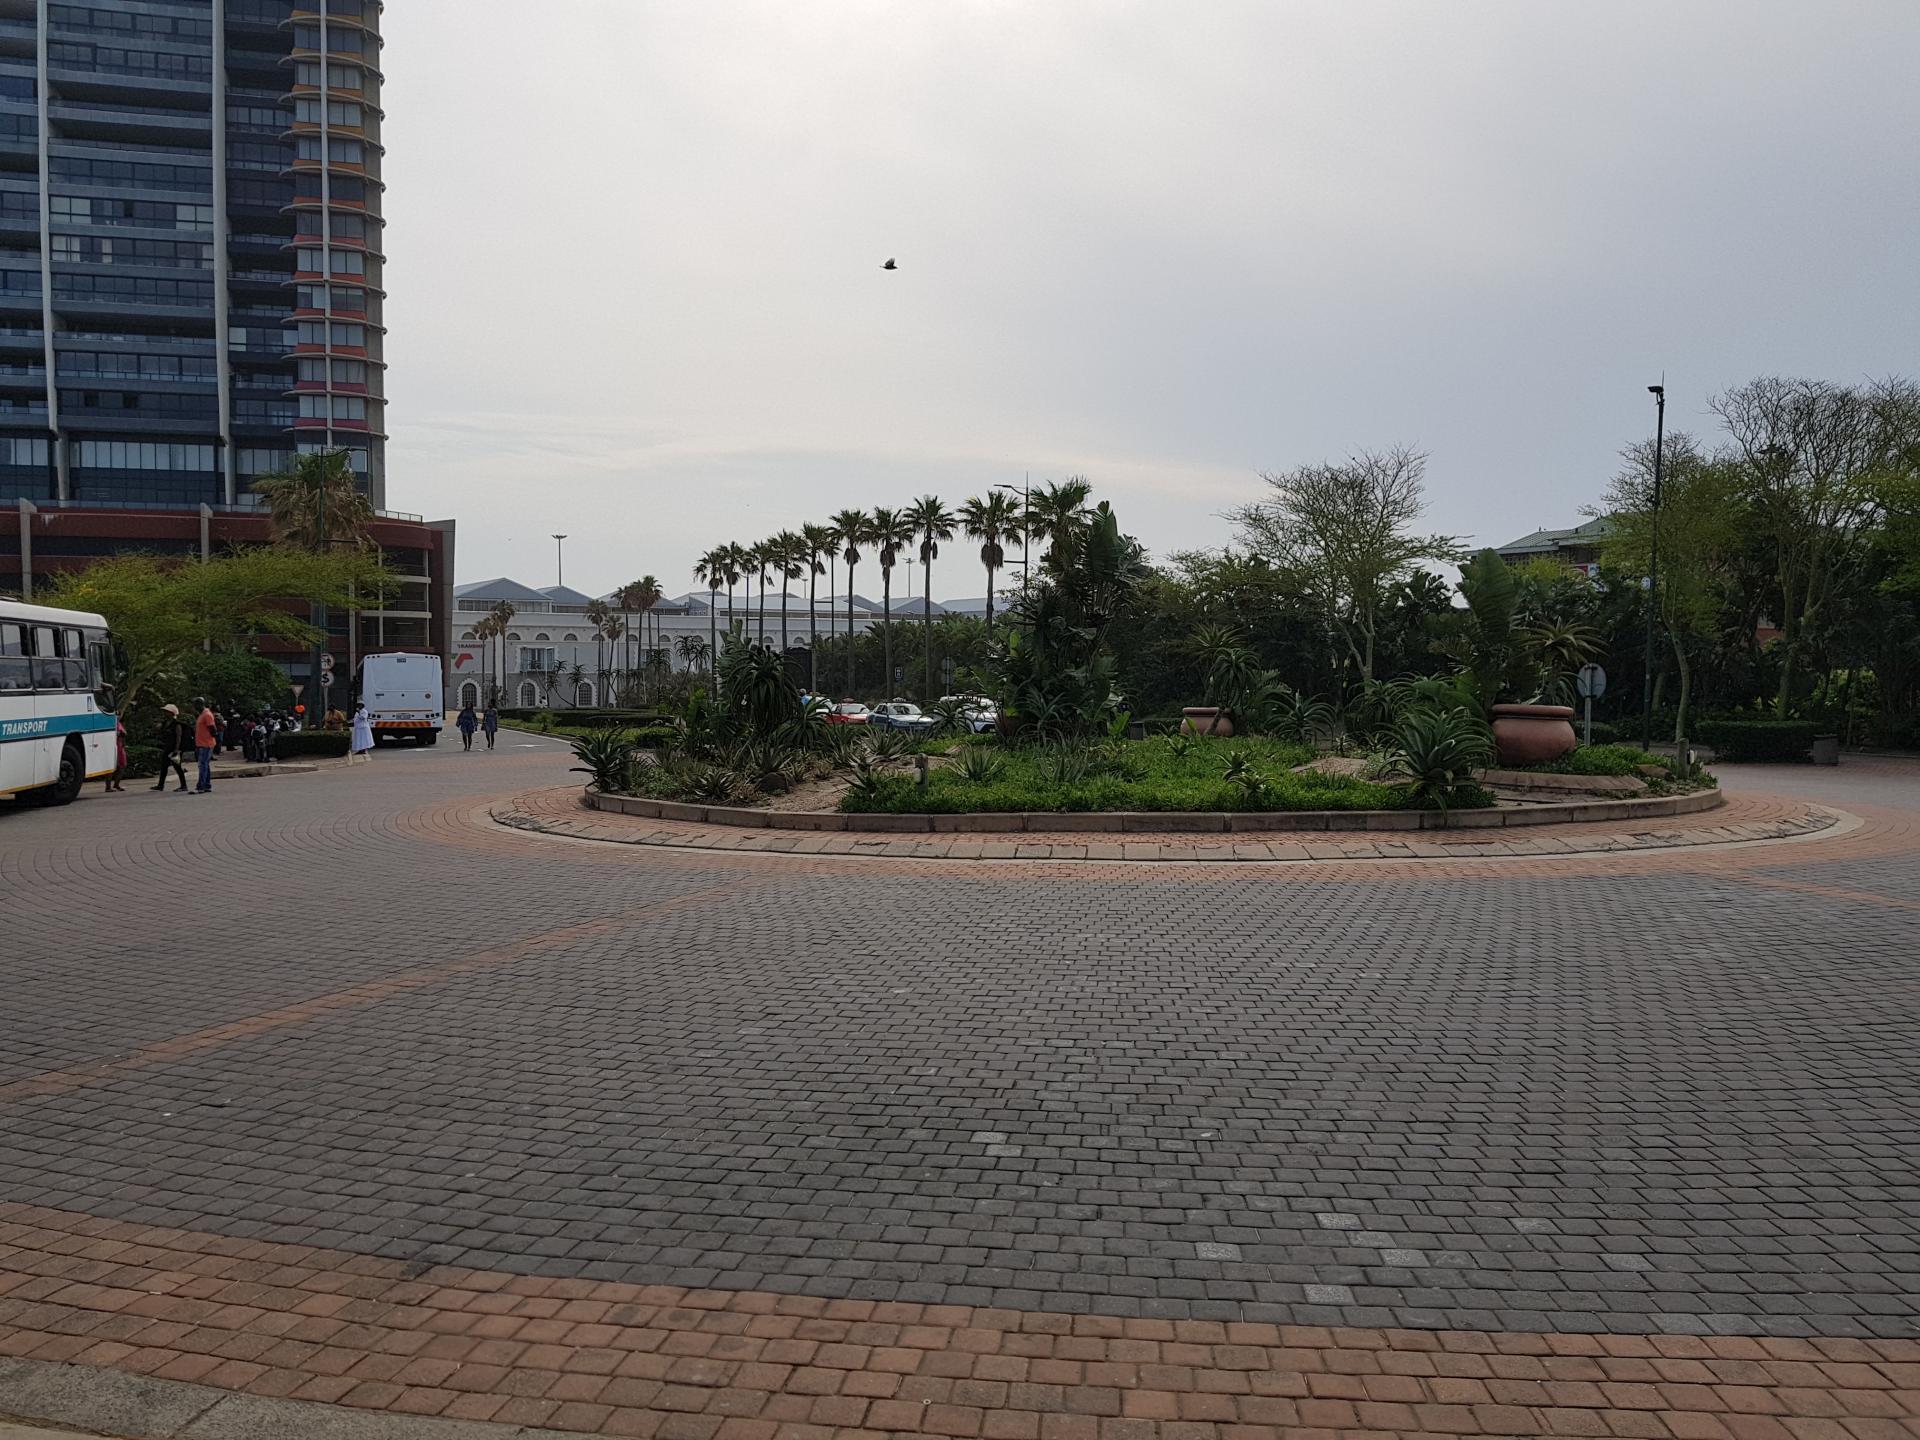 Площадка перед входом в развлекательный комплекс Ushaka Marine World